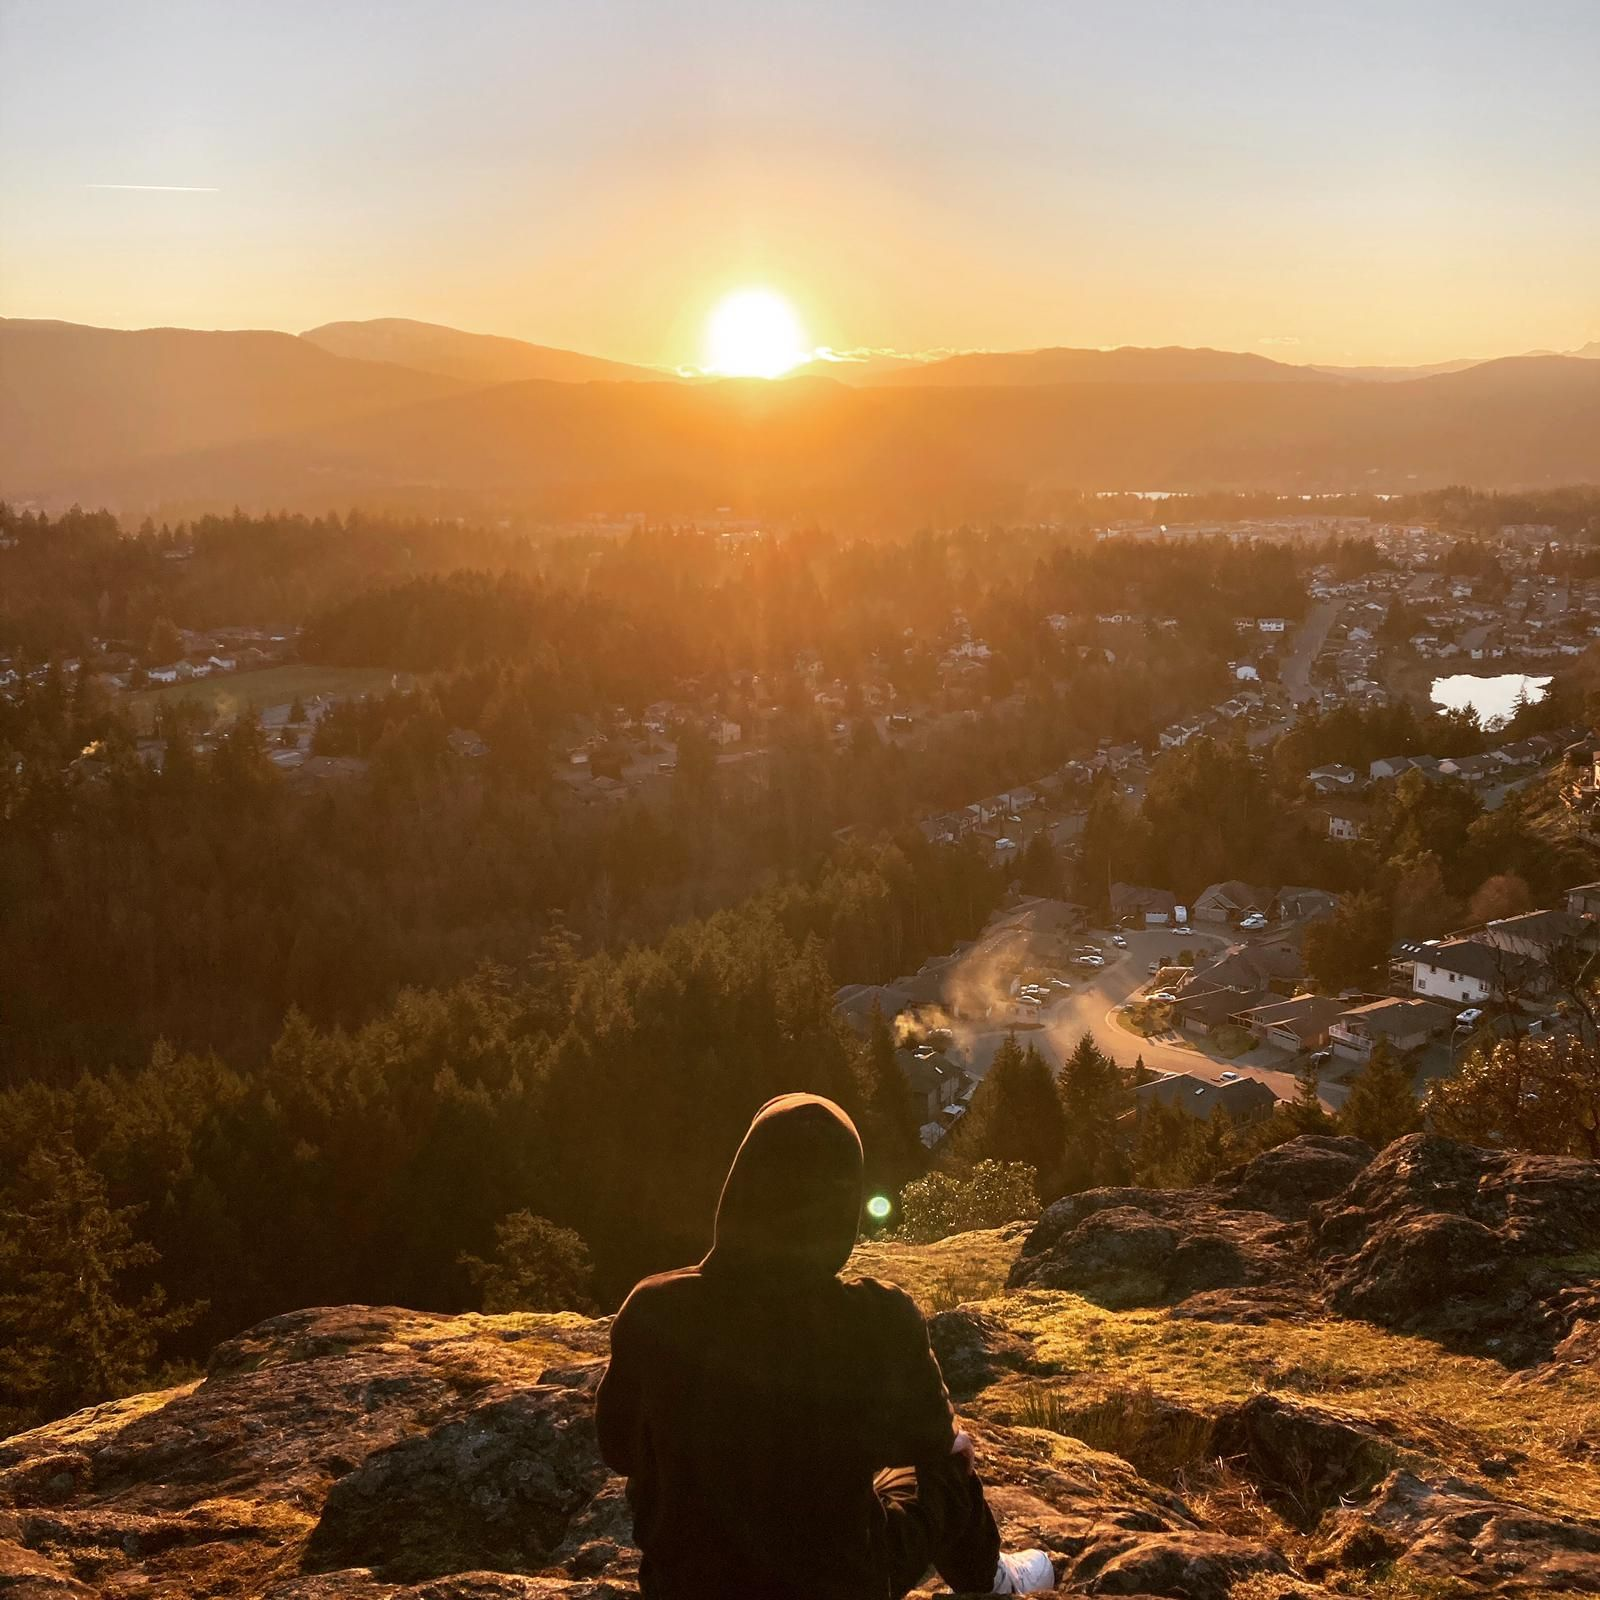 Teilnehmer sitzt auf einem Berg während dem Sonnenuntergang